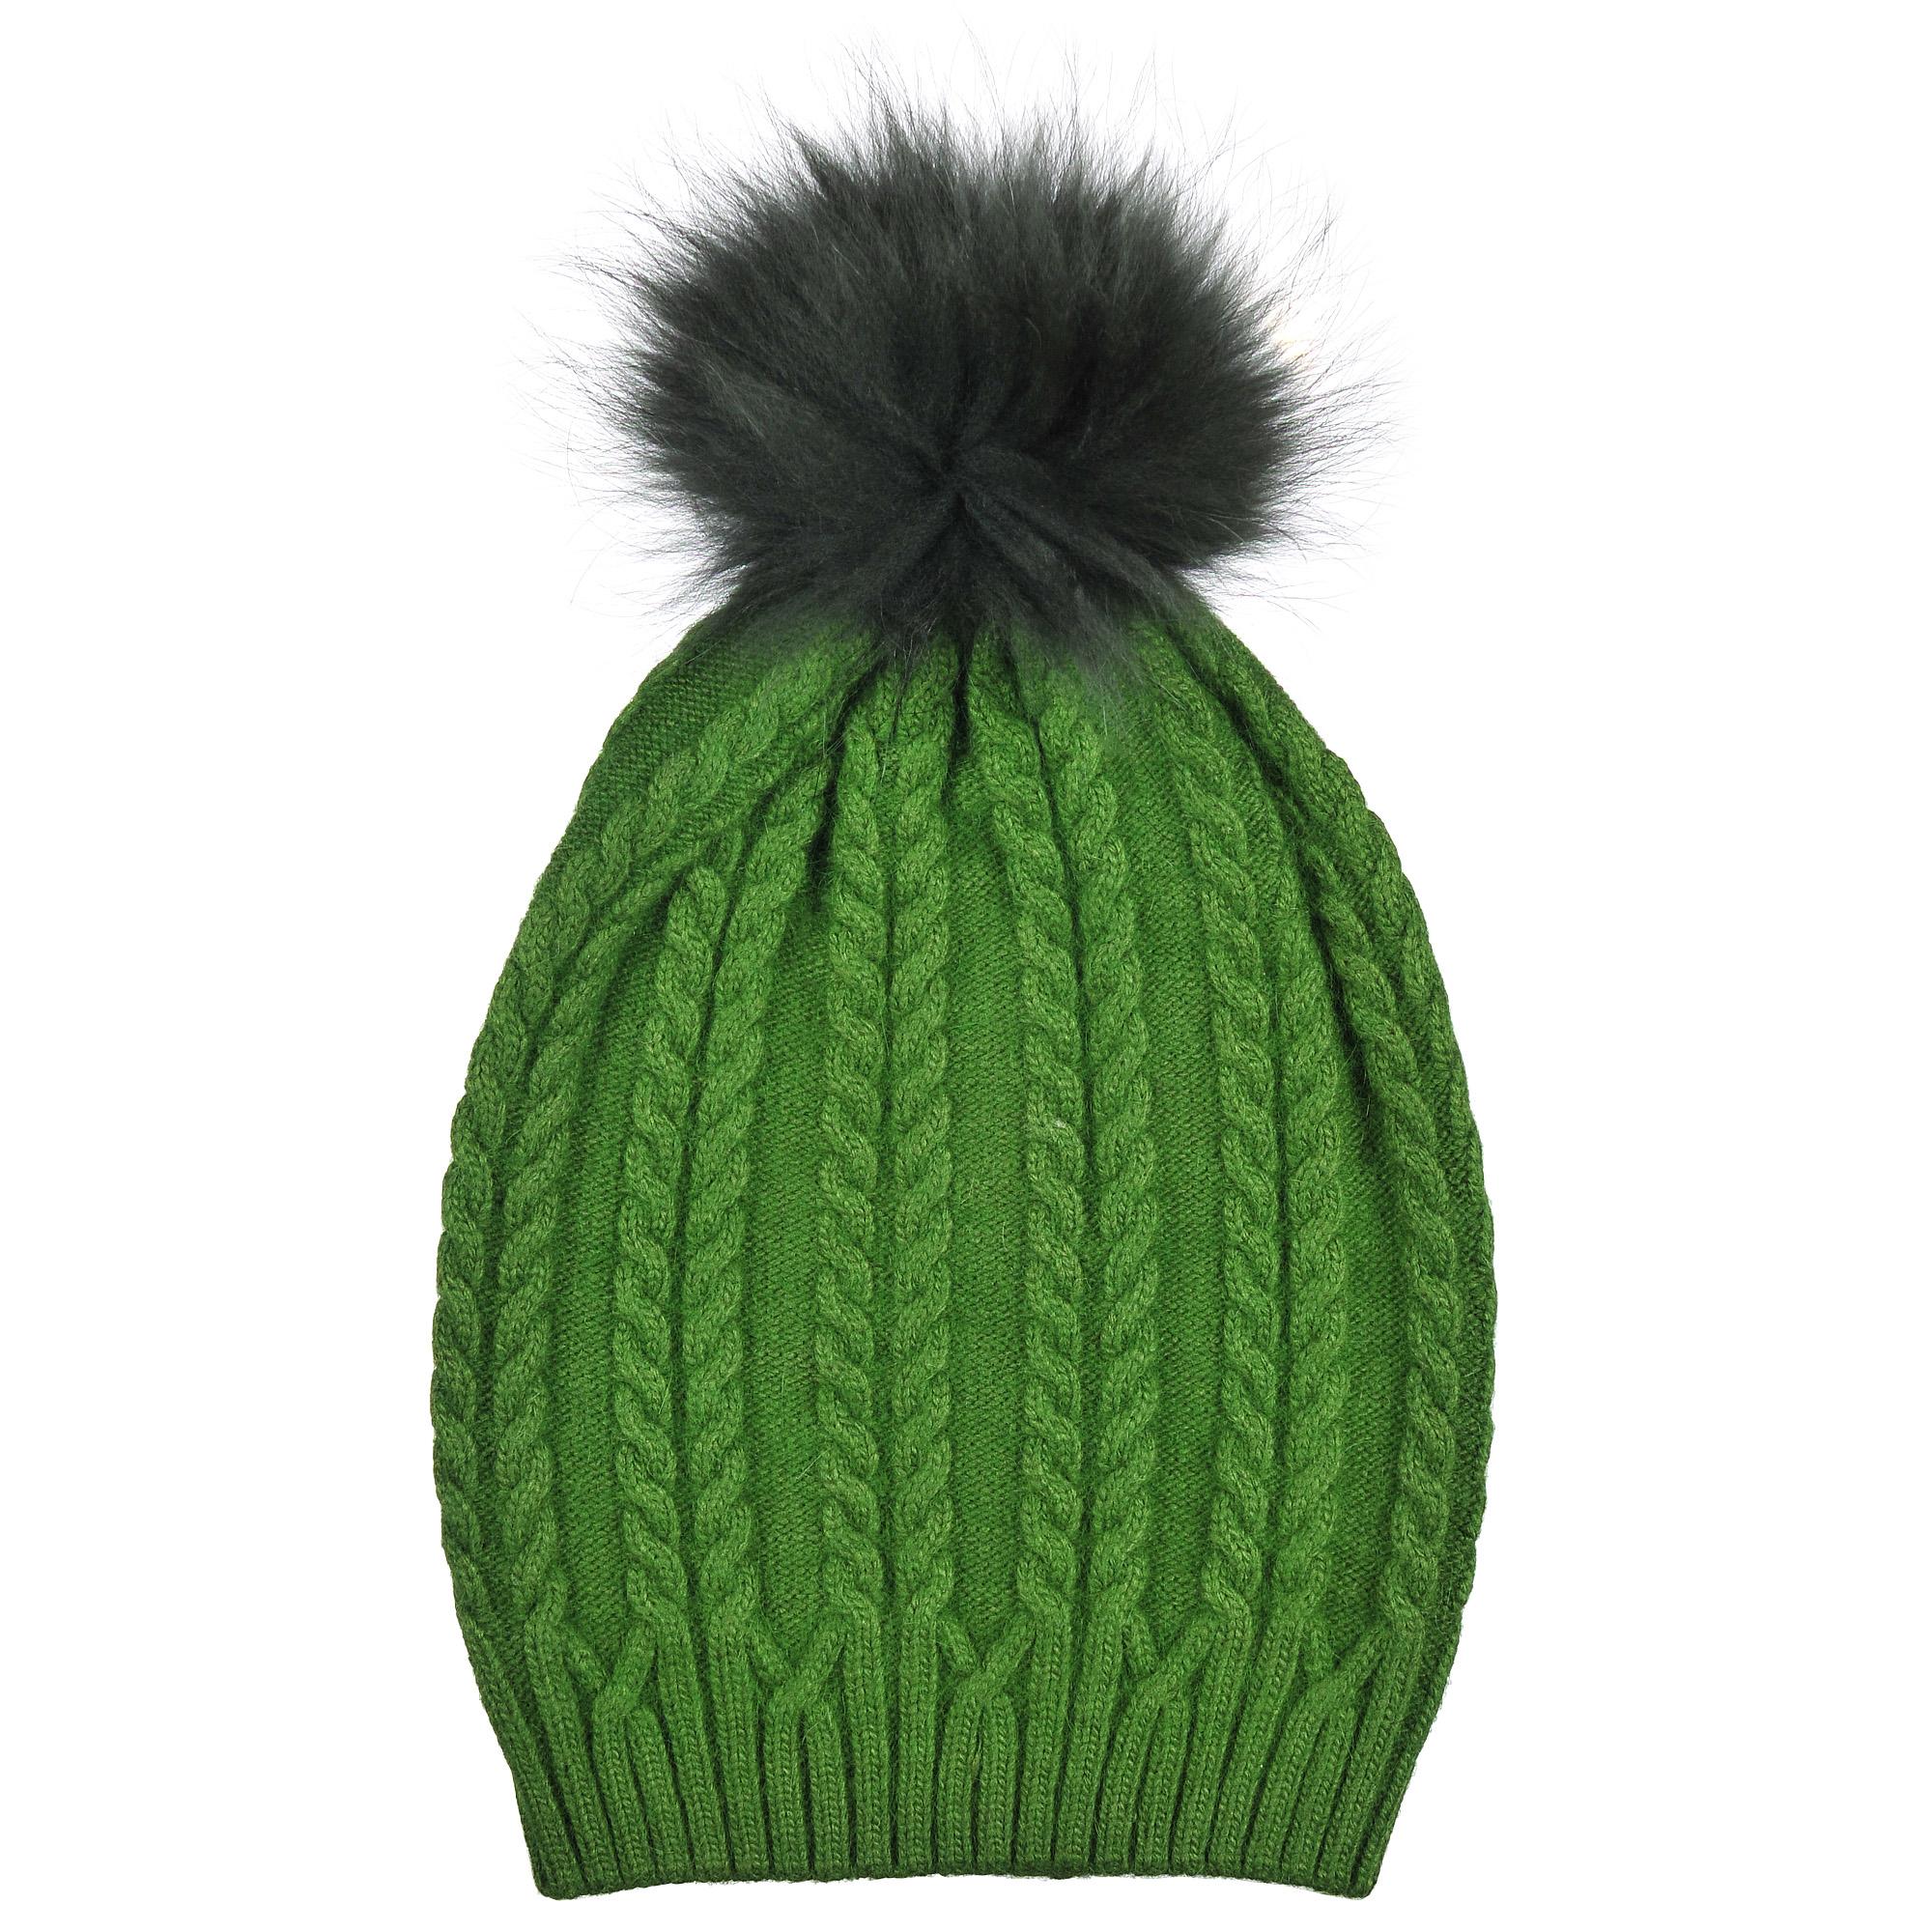 4-0048-001Трендовая шапка - чулок из натурального кролика с помпоном из натурального меха, на резинке. Рисунок - коса. Отличный аксессуар защитит в непогоду и подарит ощущение теплоты.